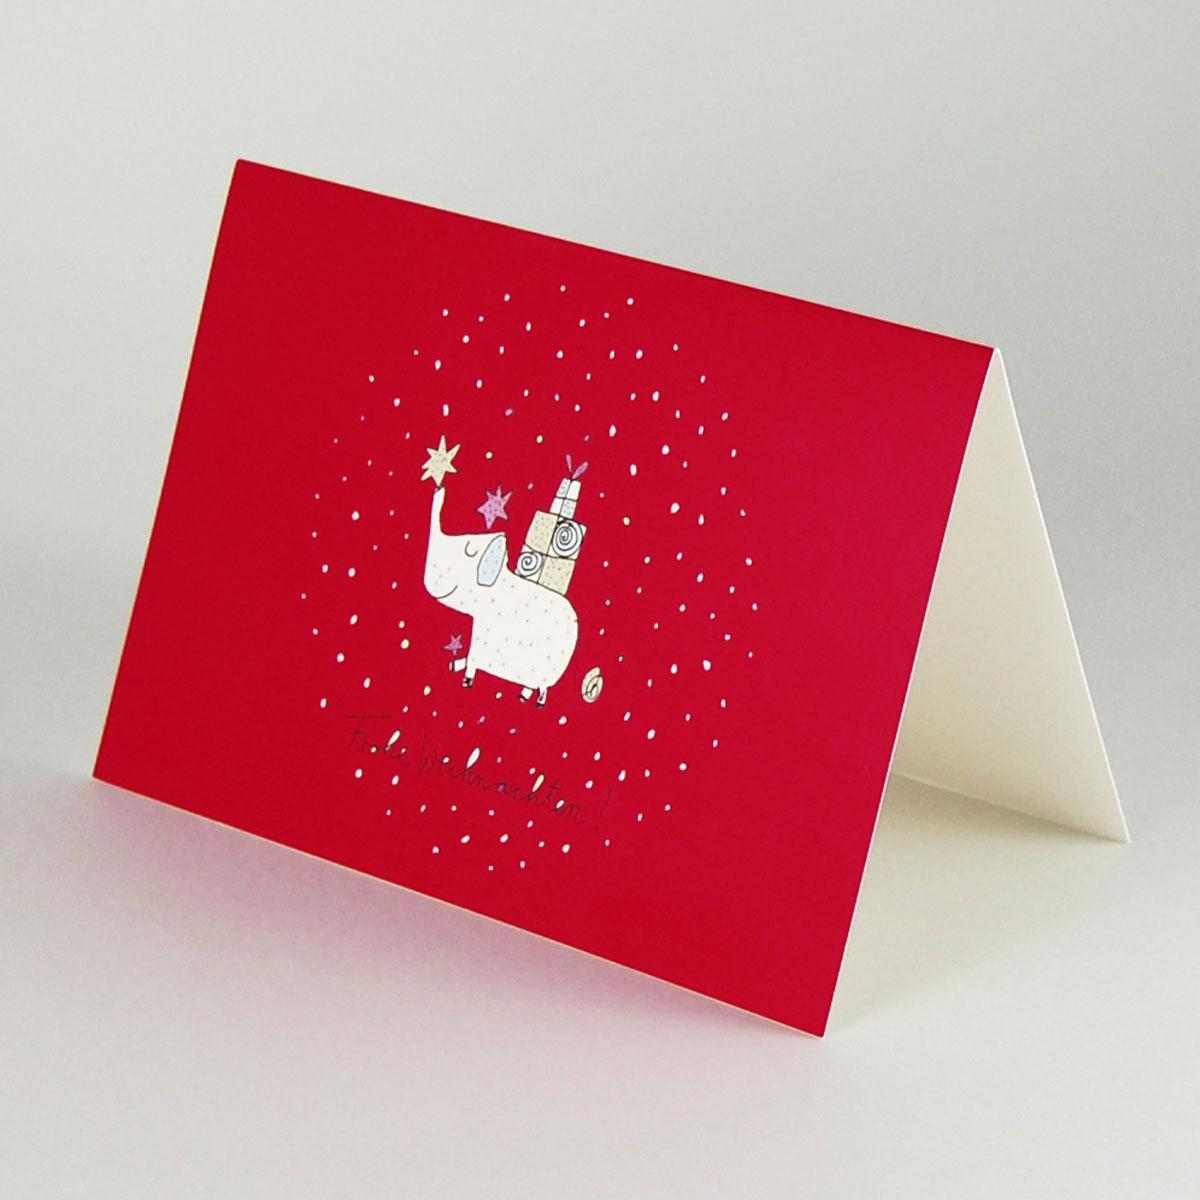 lustige weihnachtskarten mit elefanten frohe weihnachten. Black Bedroom Furniture Sets. Home Design Ideas